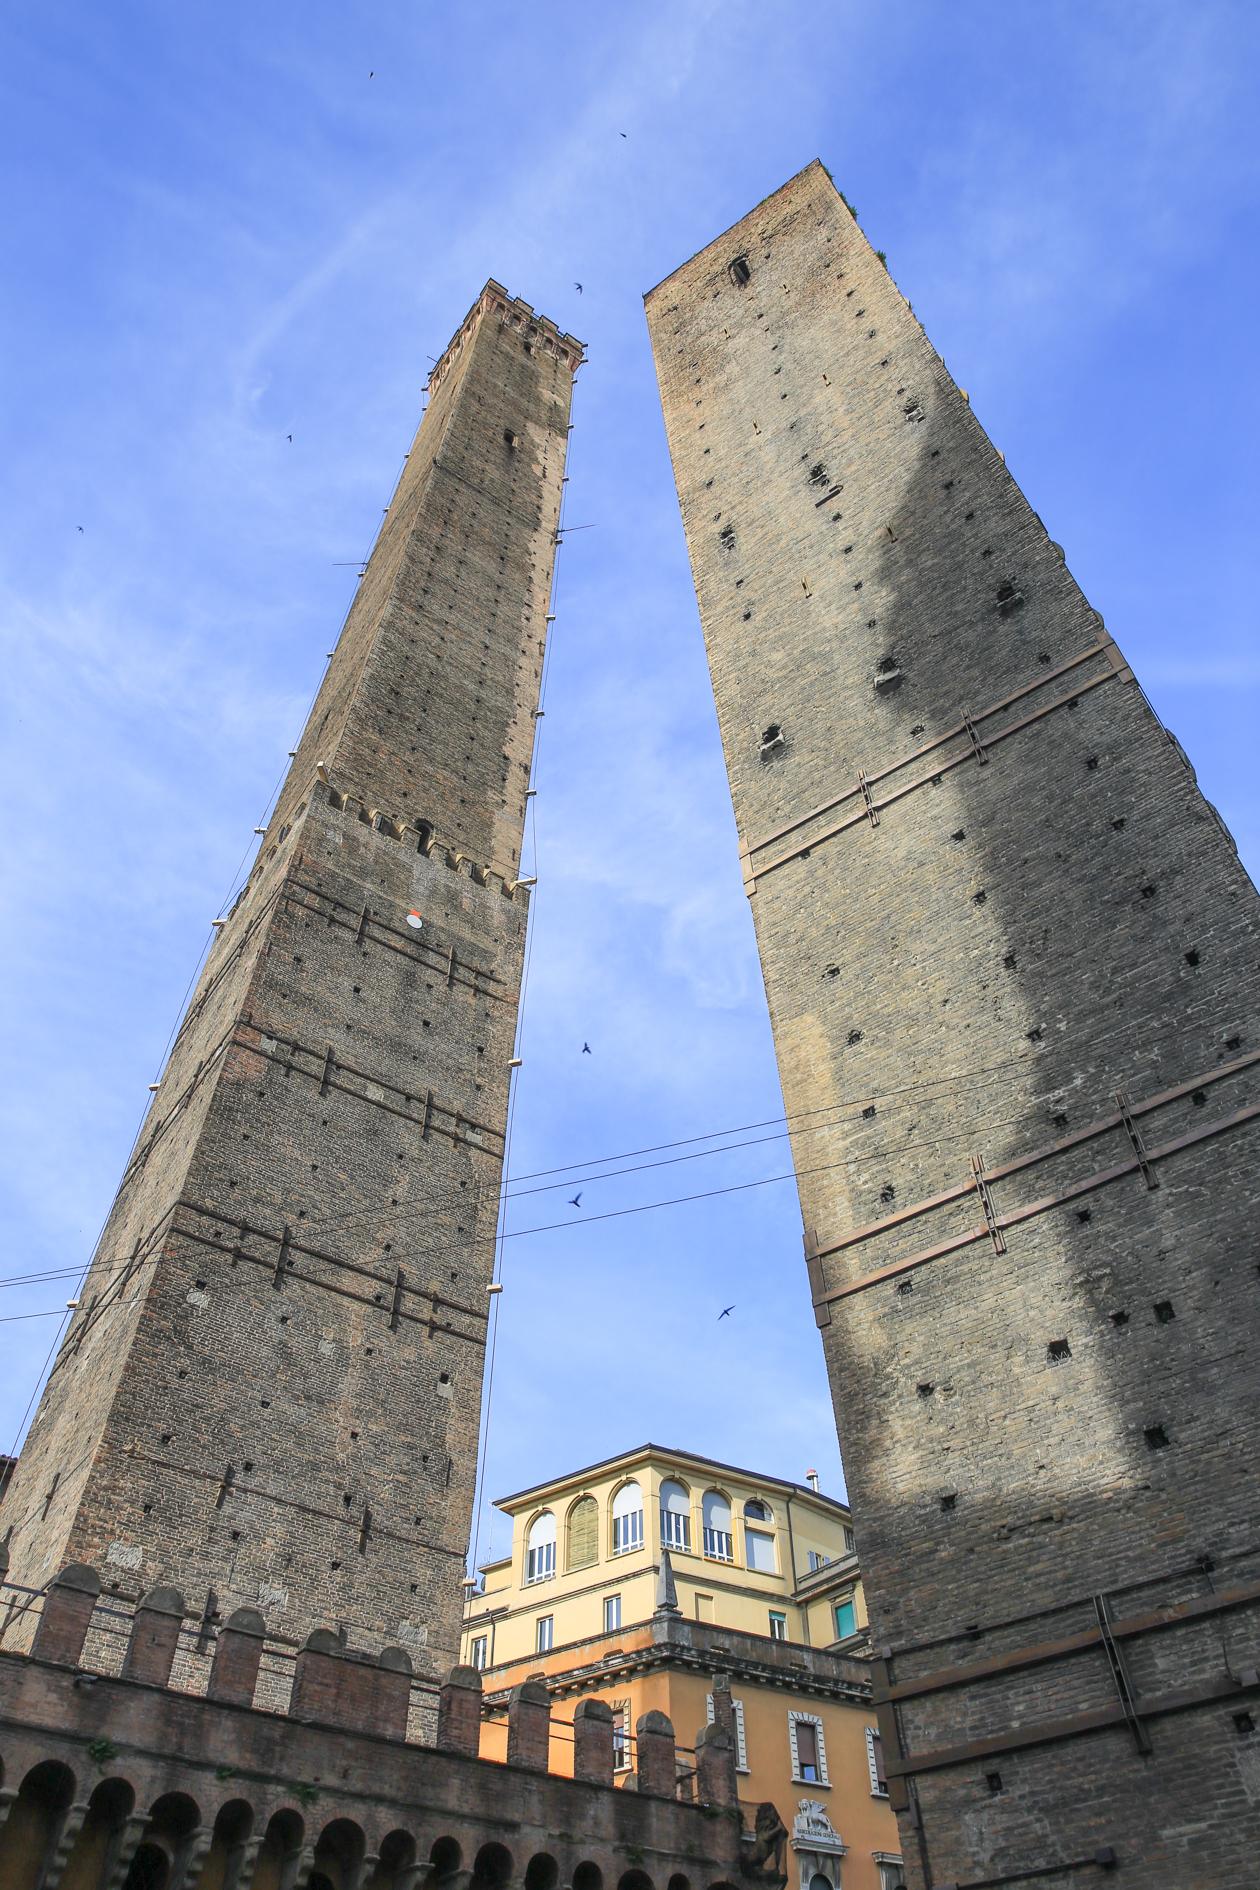 bologna-0820-de-2-torens